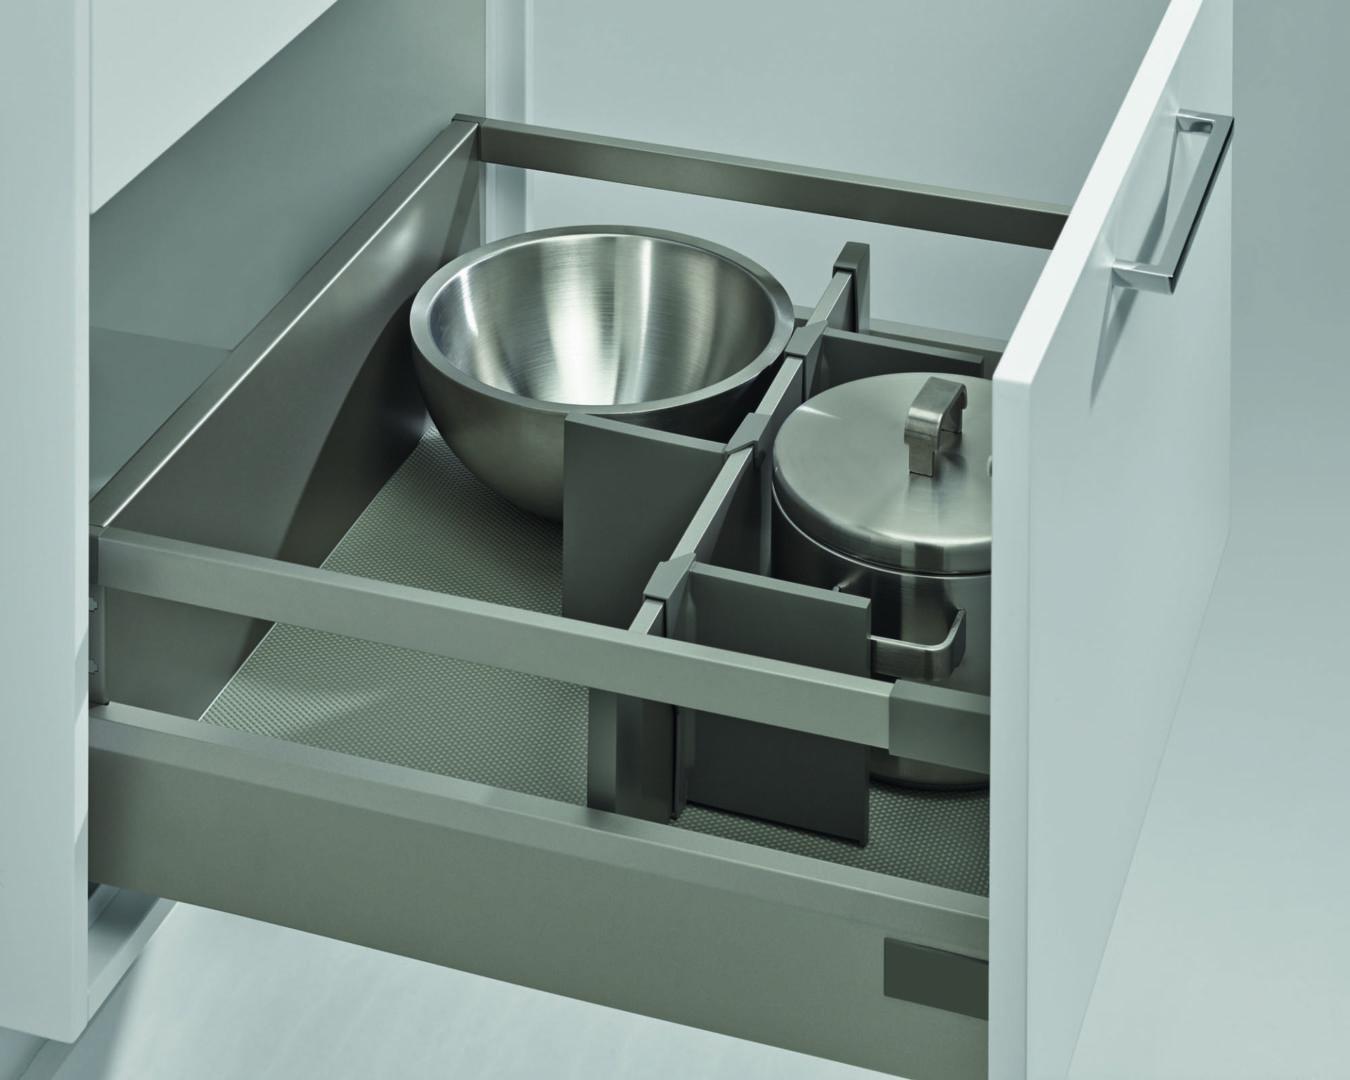 pn Auszug 5 scaled - Accessori cucina